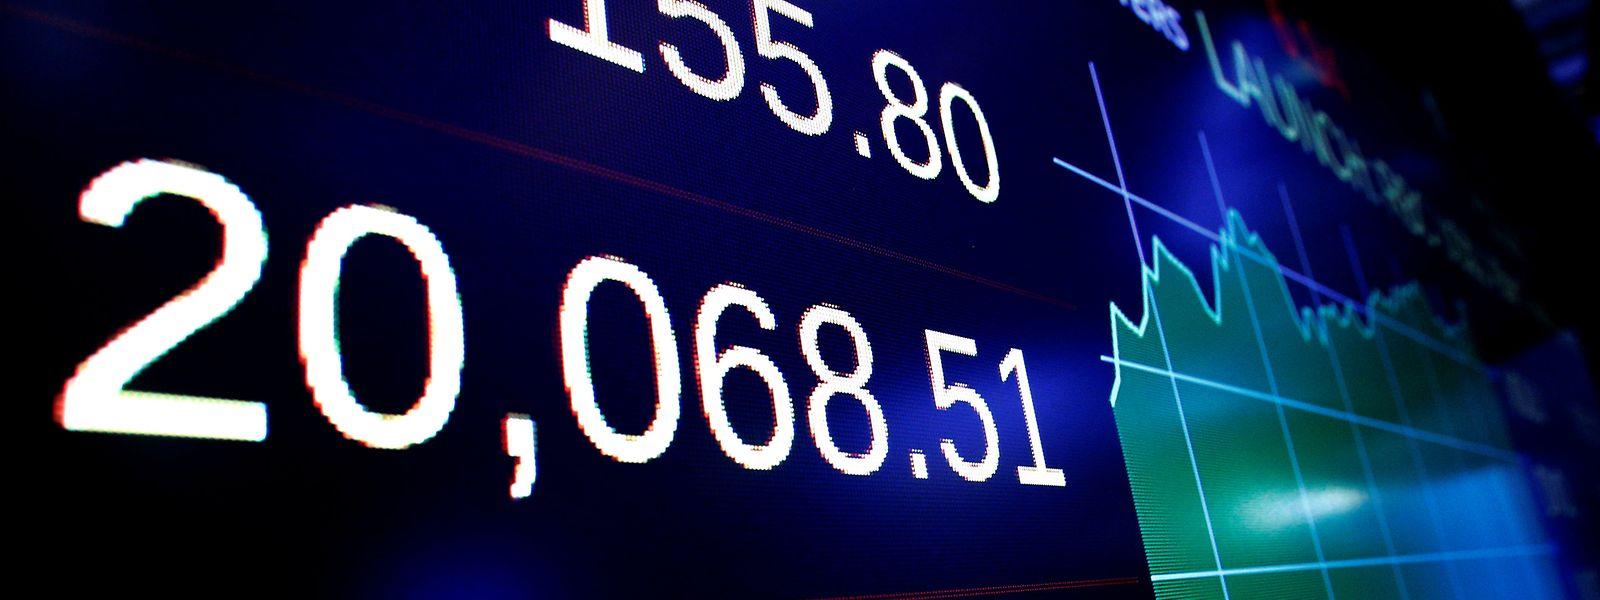 Fin août, la valeur des fonds d'investissement basés au Luxembourg s'établissait à 4.696 milliards d'euros.